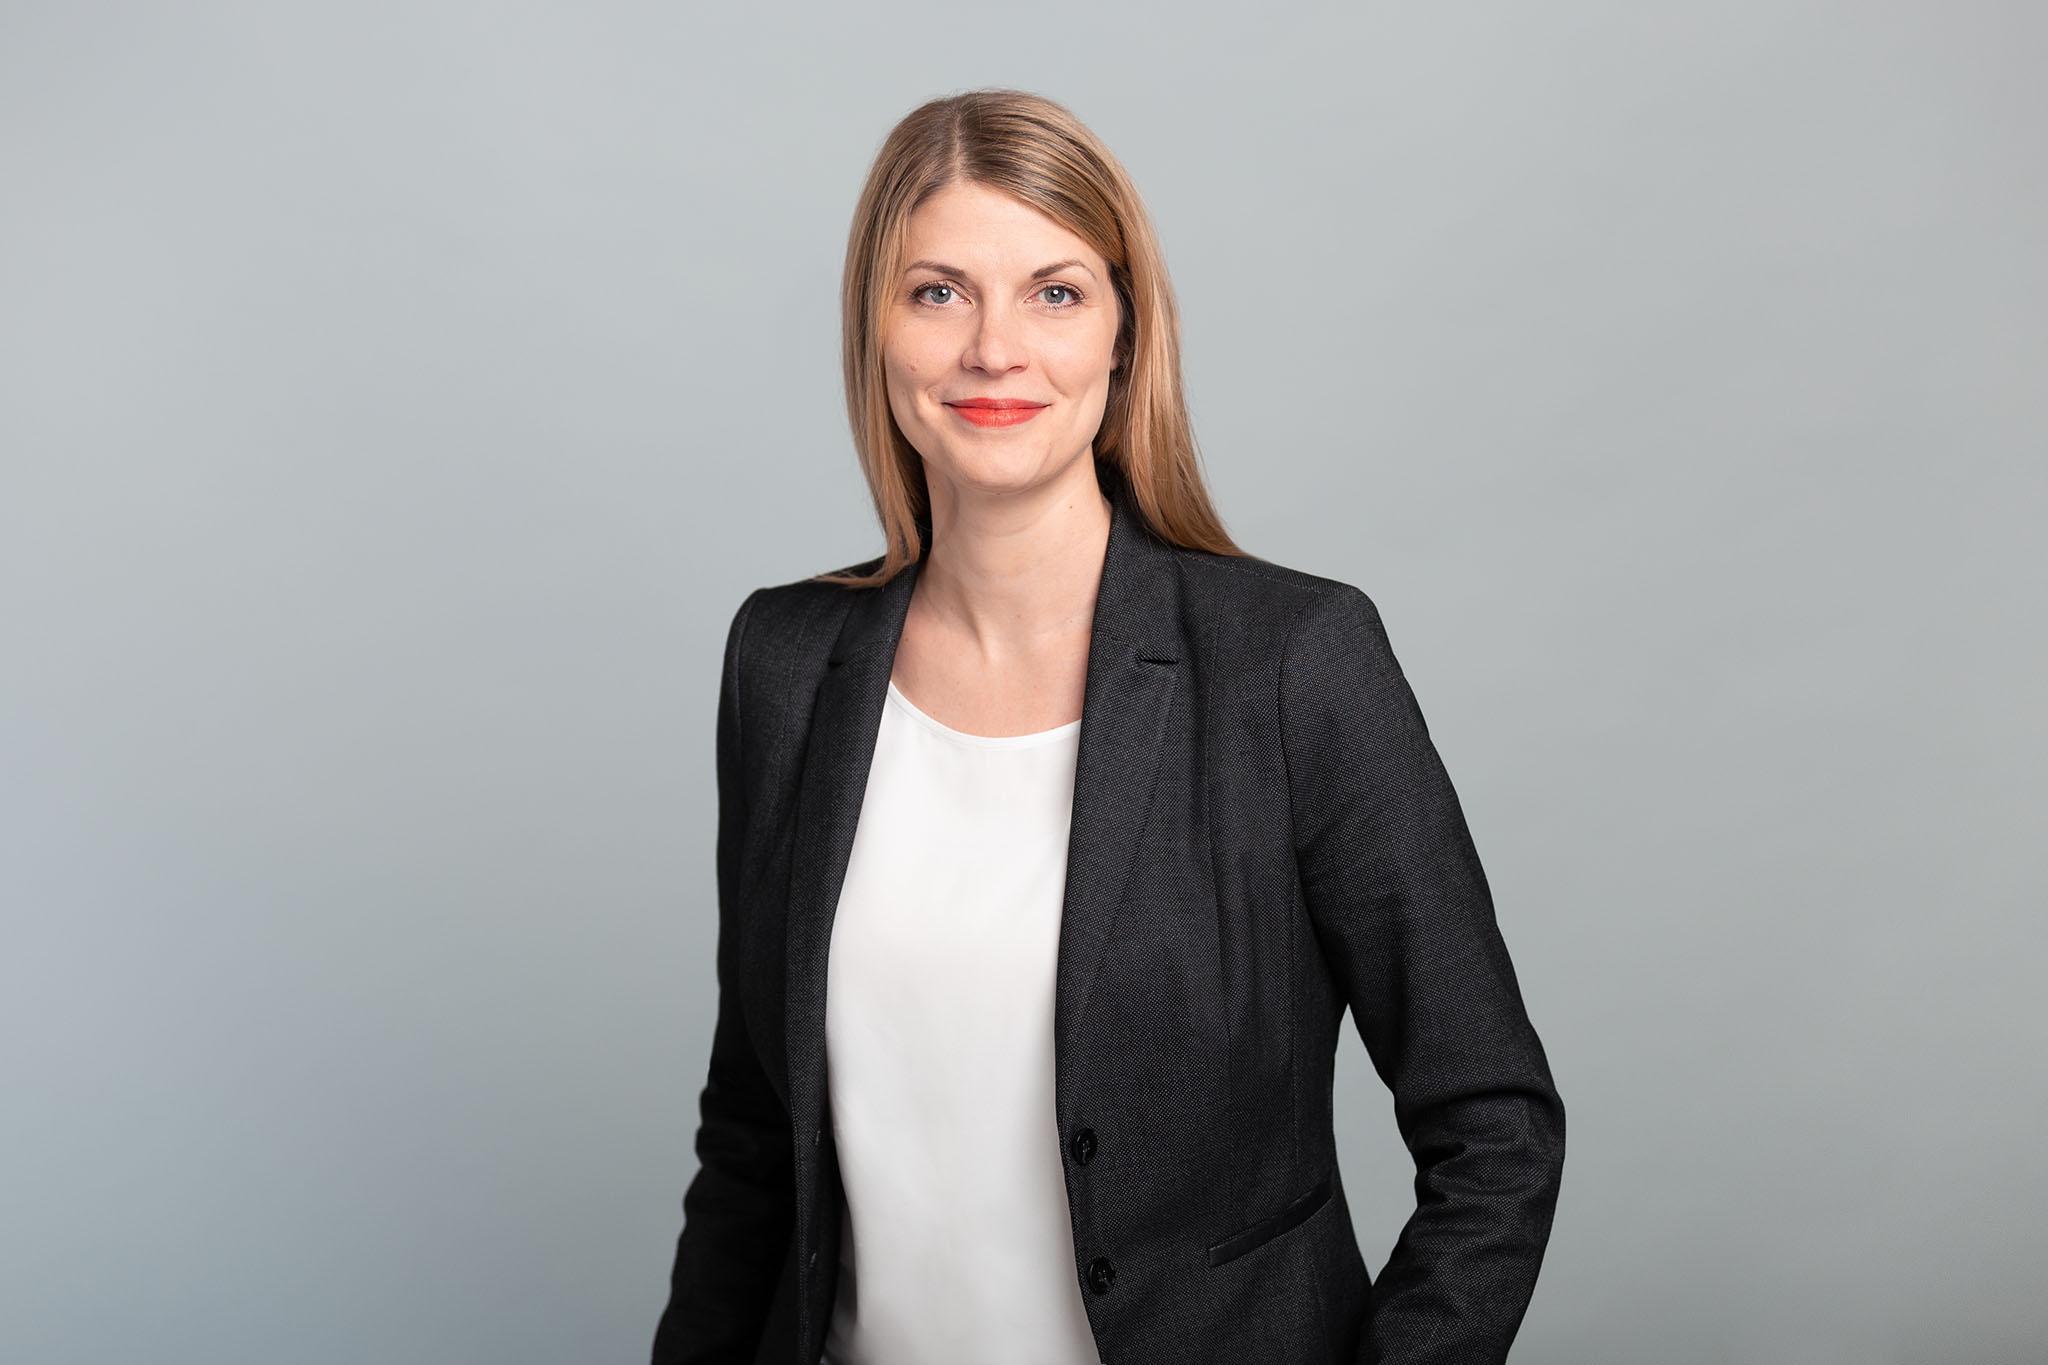 Bewerbung - Business - Fotograf Köln